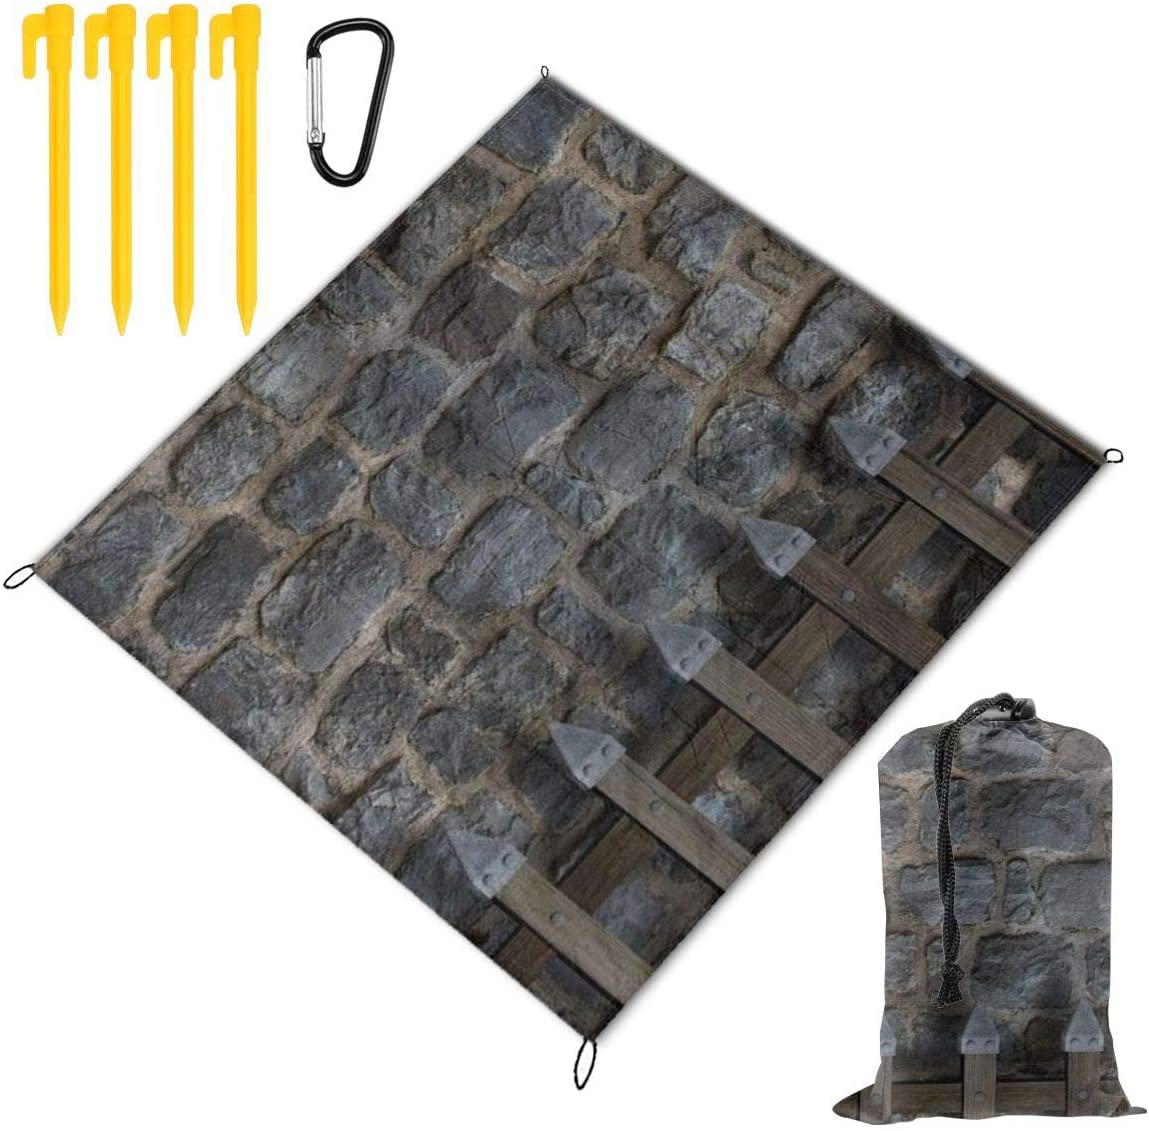 HARXISE Alfombras de Playa,Retor Construction Home Medieval Old Barras de Madera en la Pared de Piedra del Castillo,Manta de Picnic Impermeable para la Playa Acampar Picnic y Otra Actividad